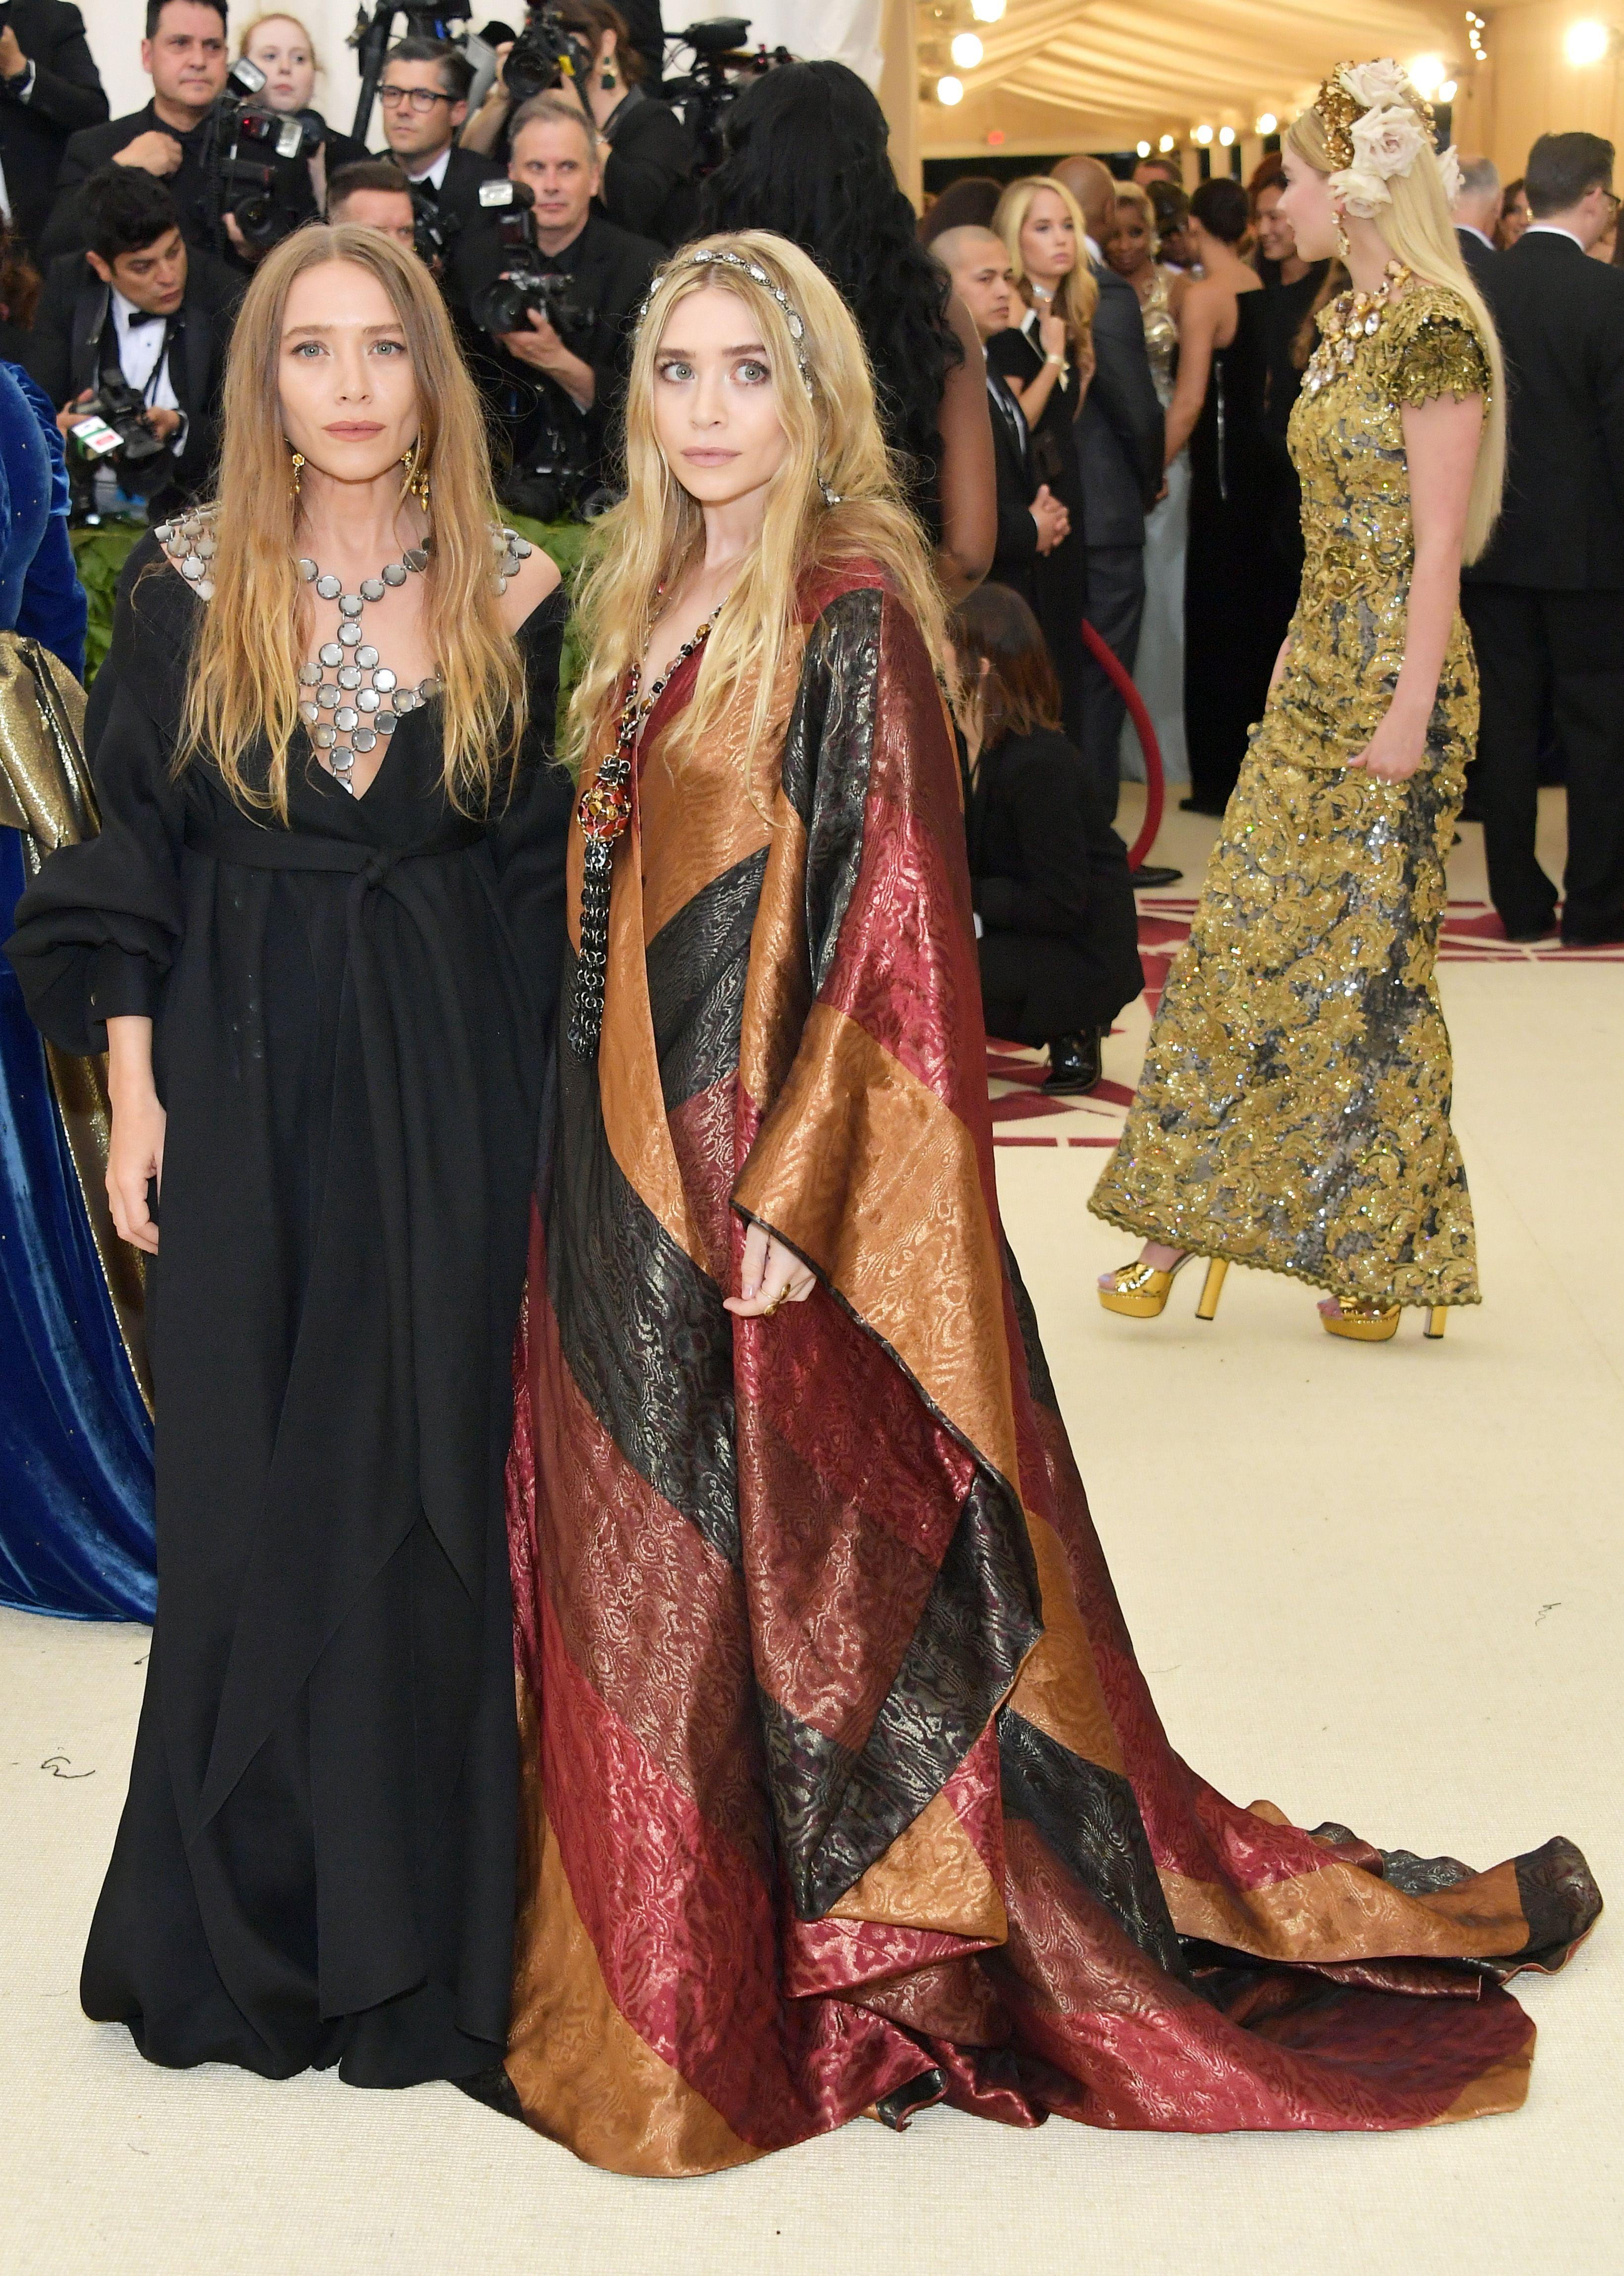 30d1c8622 All Met Gala 2018 Dresses - Met Gala Red Carpet Celebrity Looks